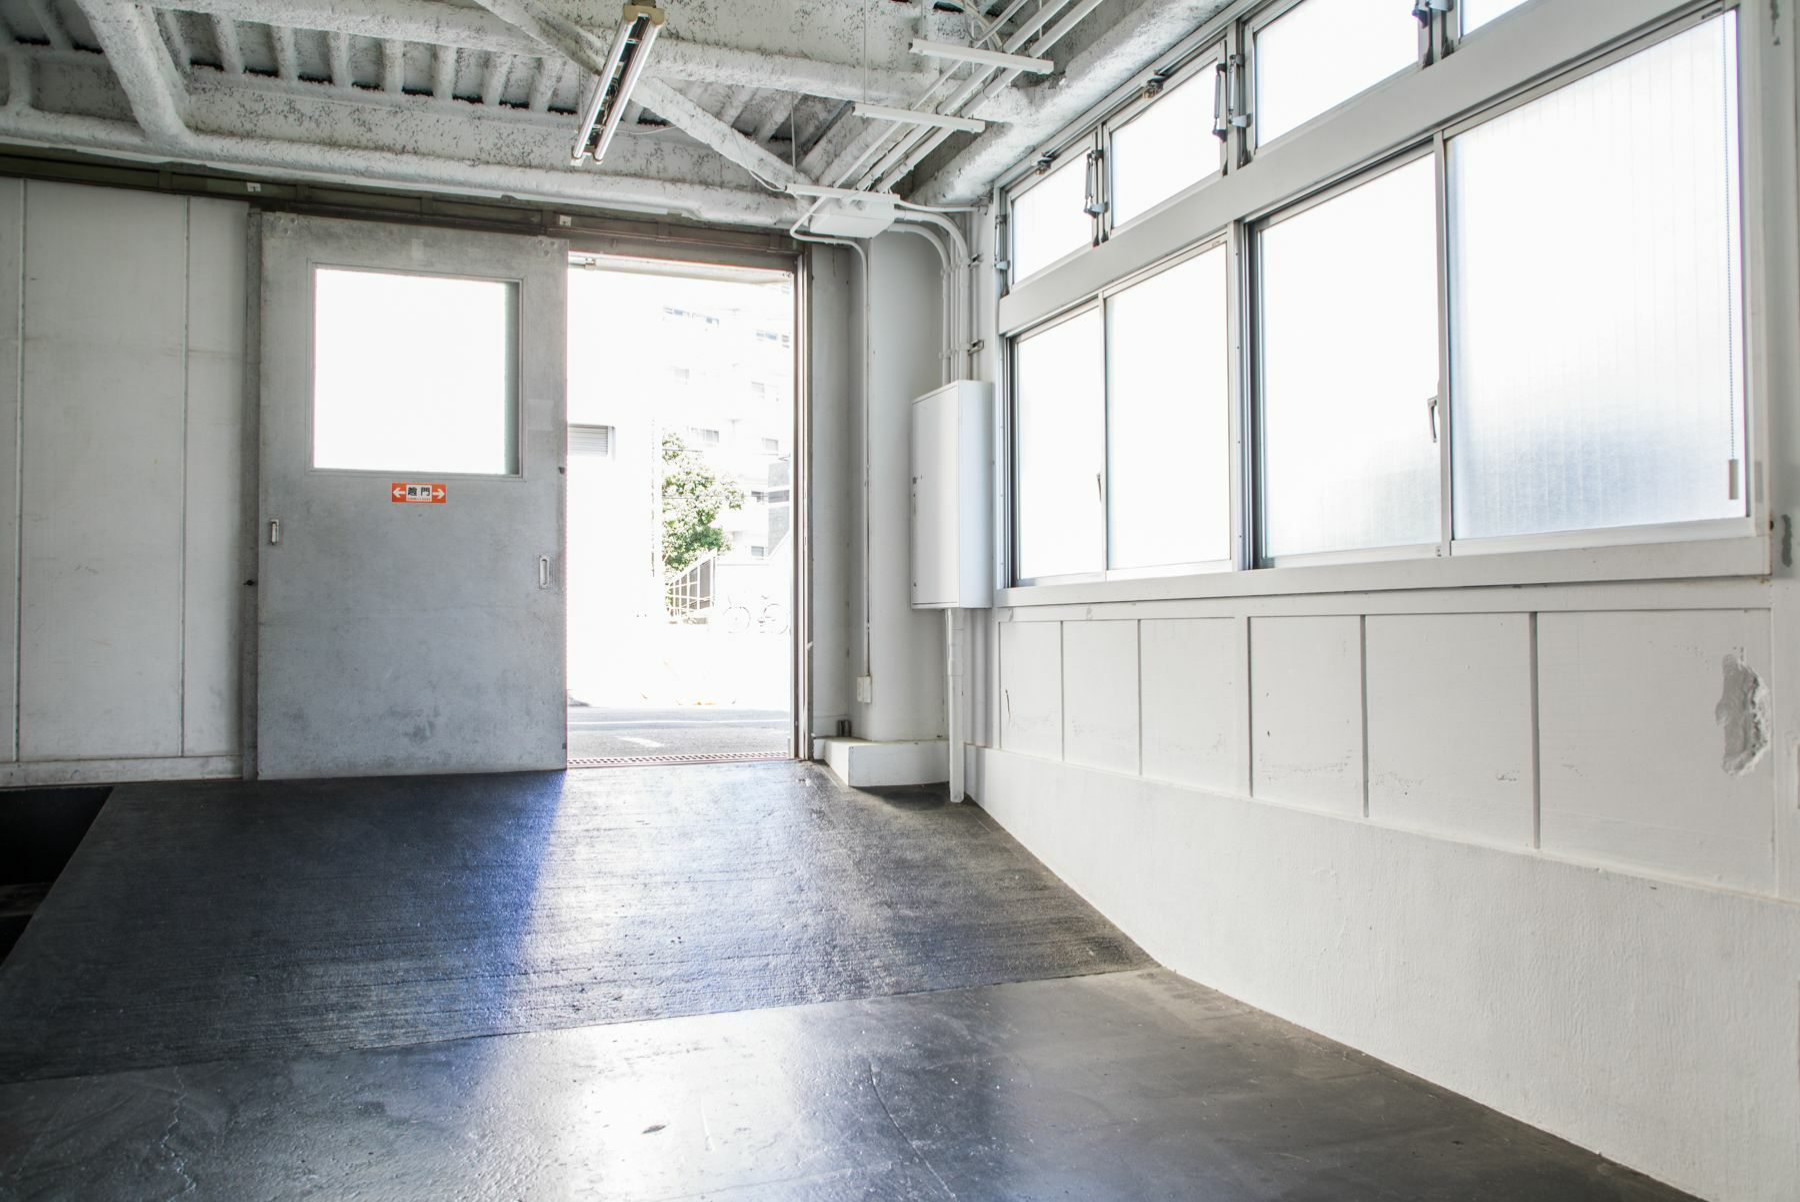 STUDIO iiwi 学芸大学 (スタジオ イーヴィ)スタジオ右側・共有部